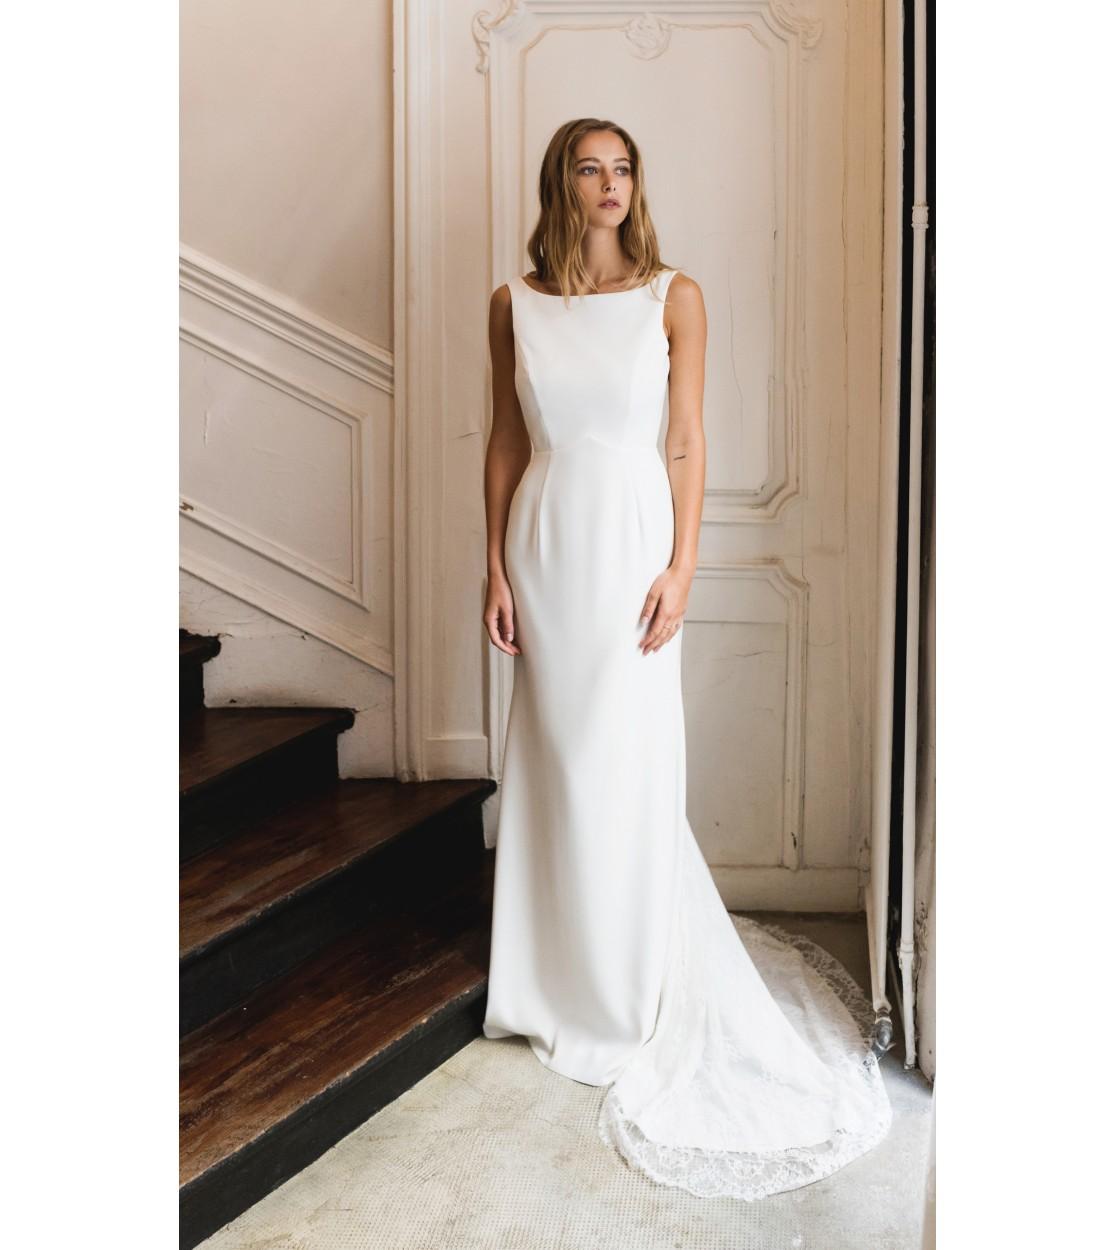 d8f938ae966d Robe de mariée Blanche - Harpe Paris